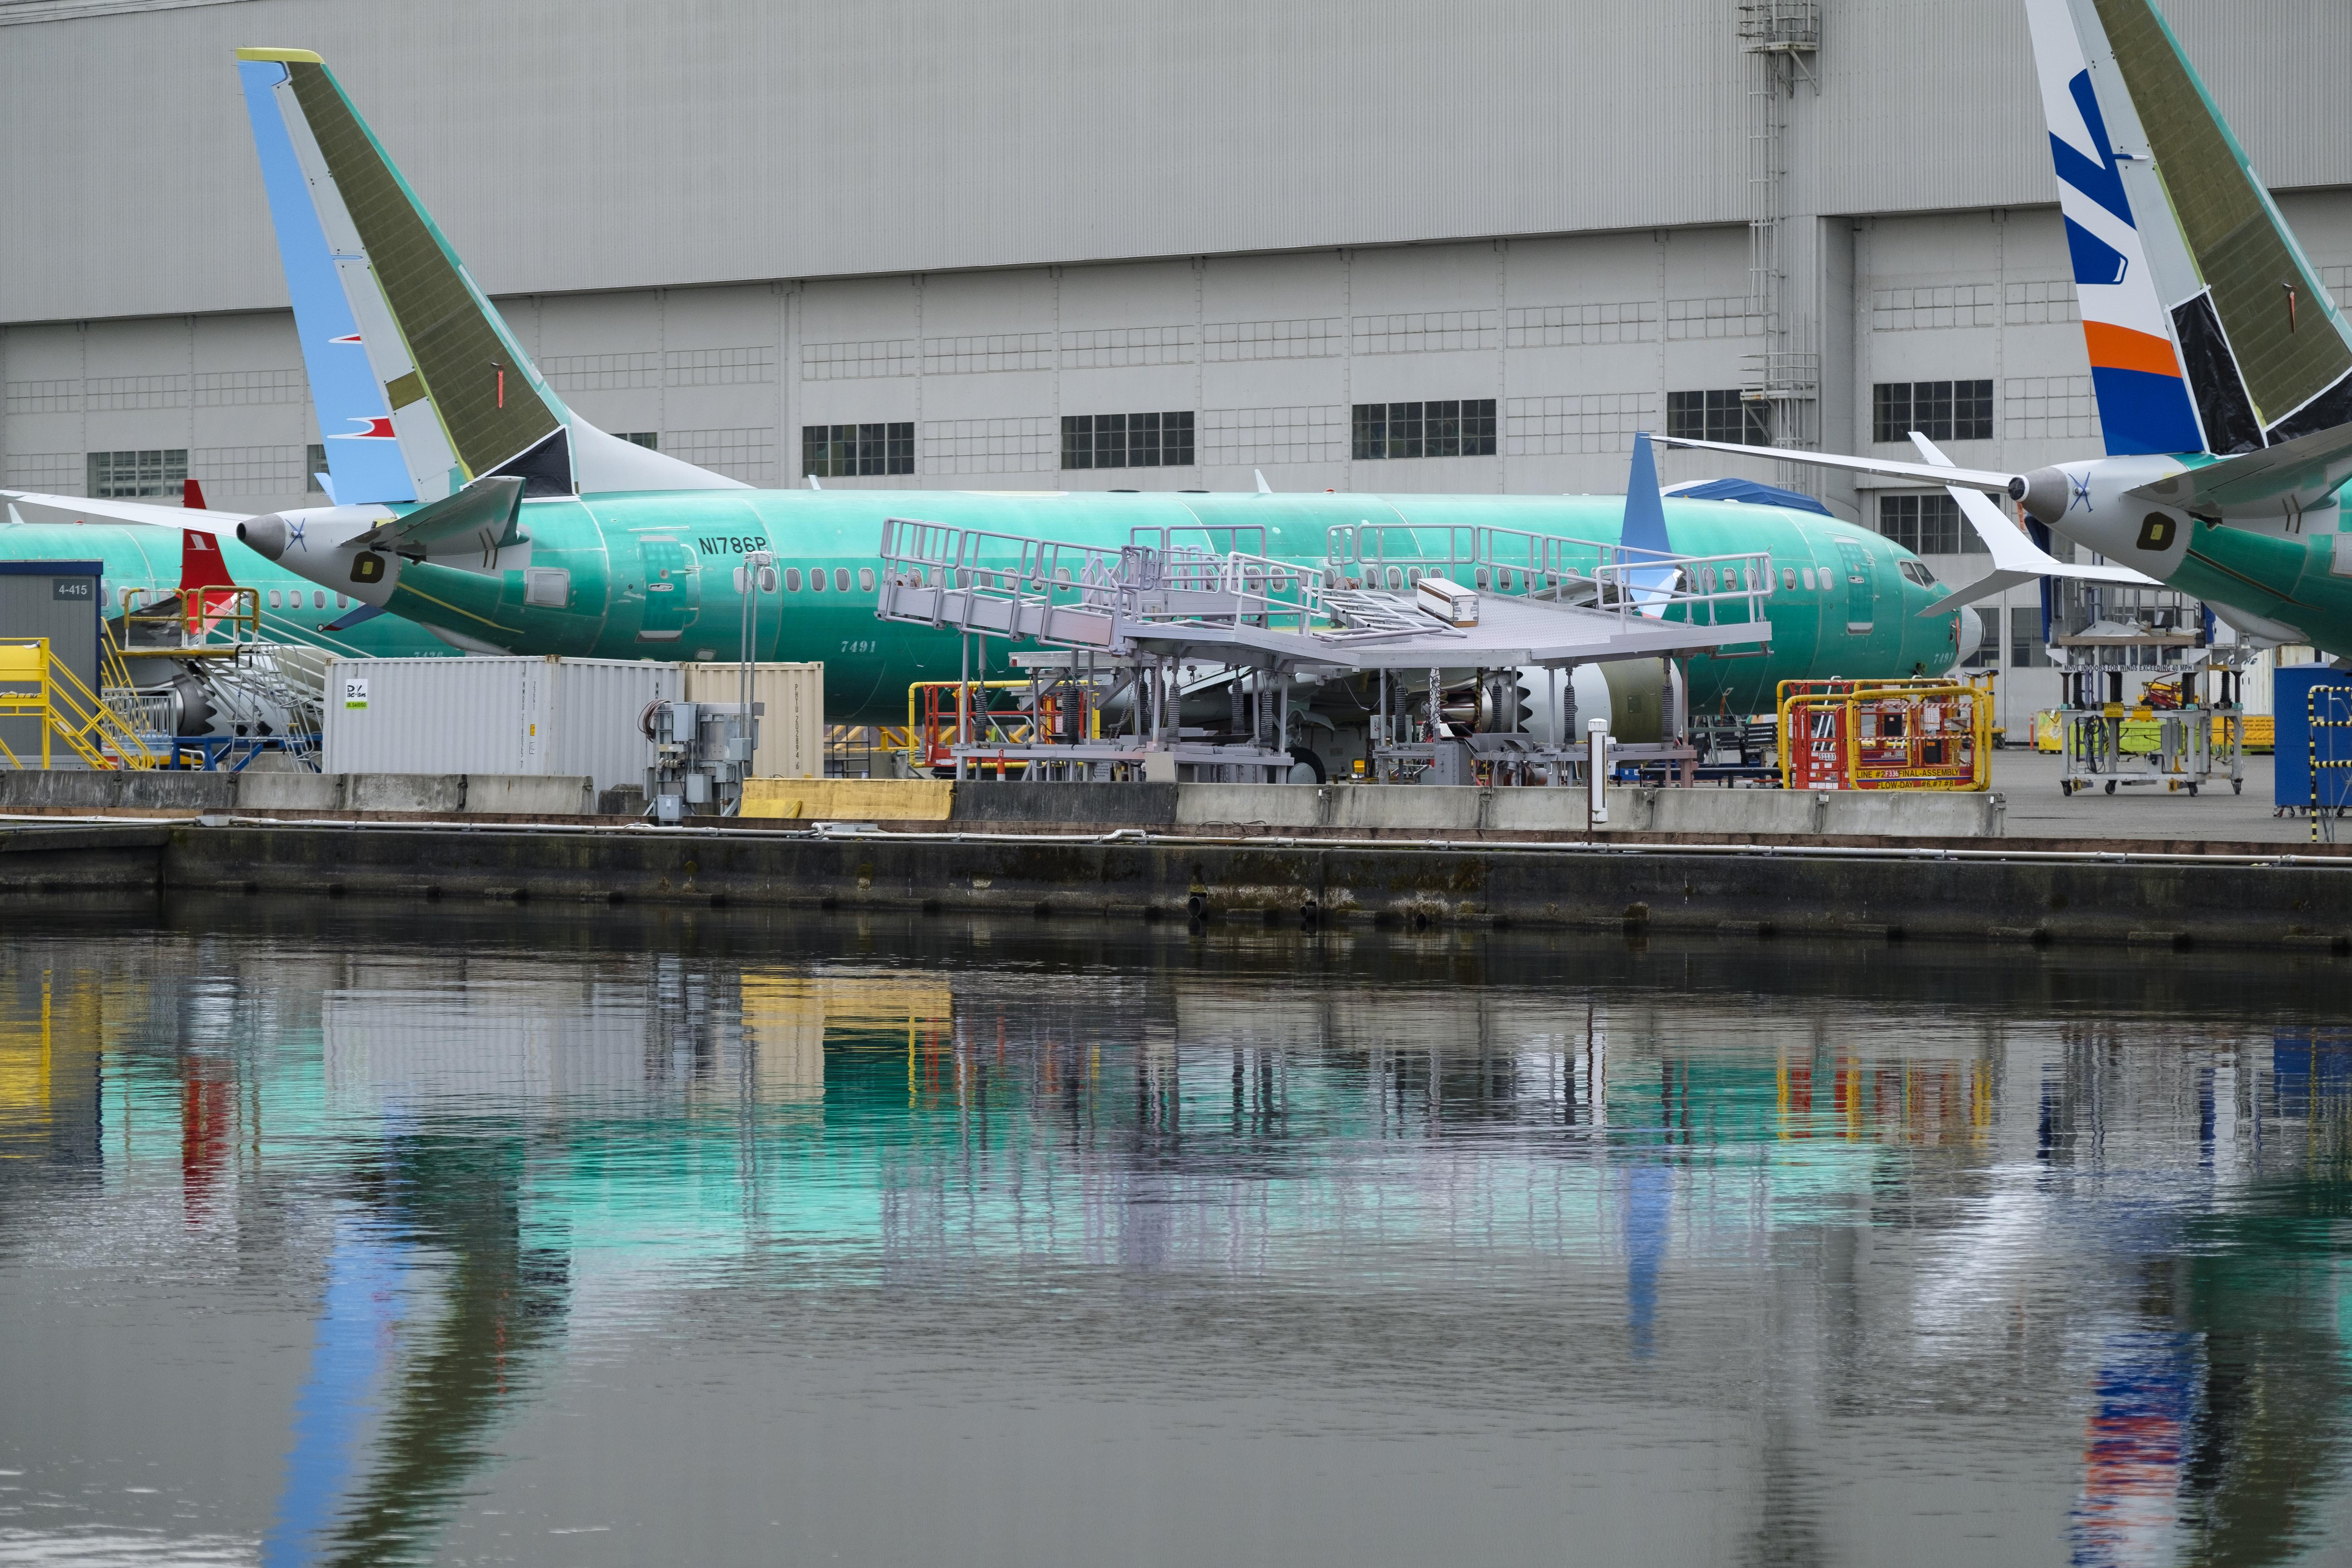 美國《西雅圖時報》(Seattle Times)3月20日引述知情人士的消息說,聯邦調查局(FBI)已介入對波音737 MAX認證過程的刑事調查,其將為美國交通部正在進行的波音調查提供資源。(Stephen Brashear/Getty Images)